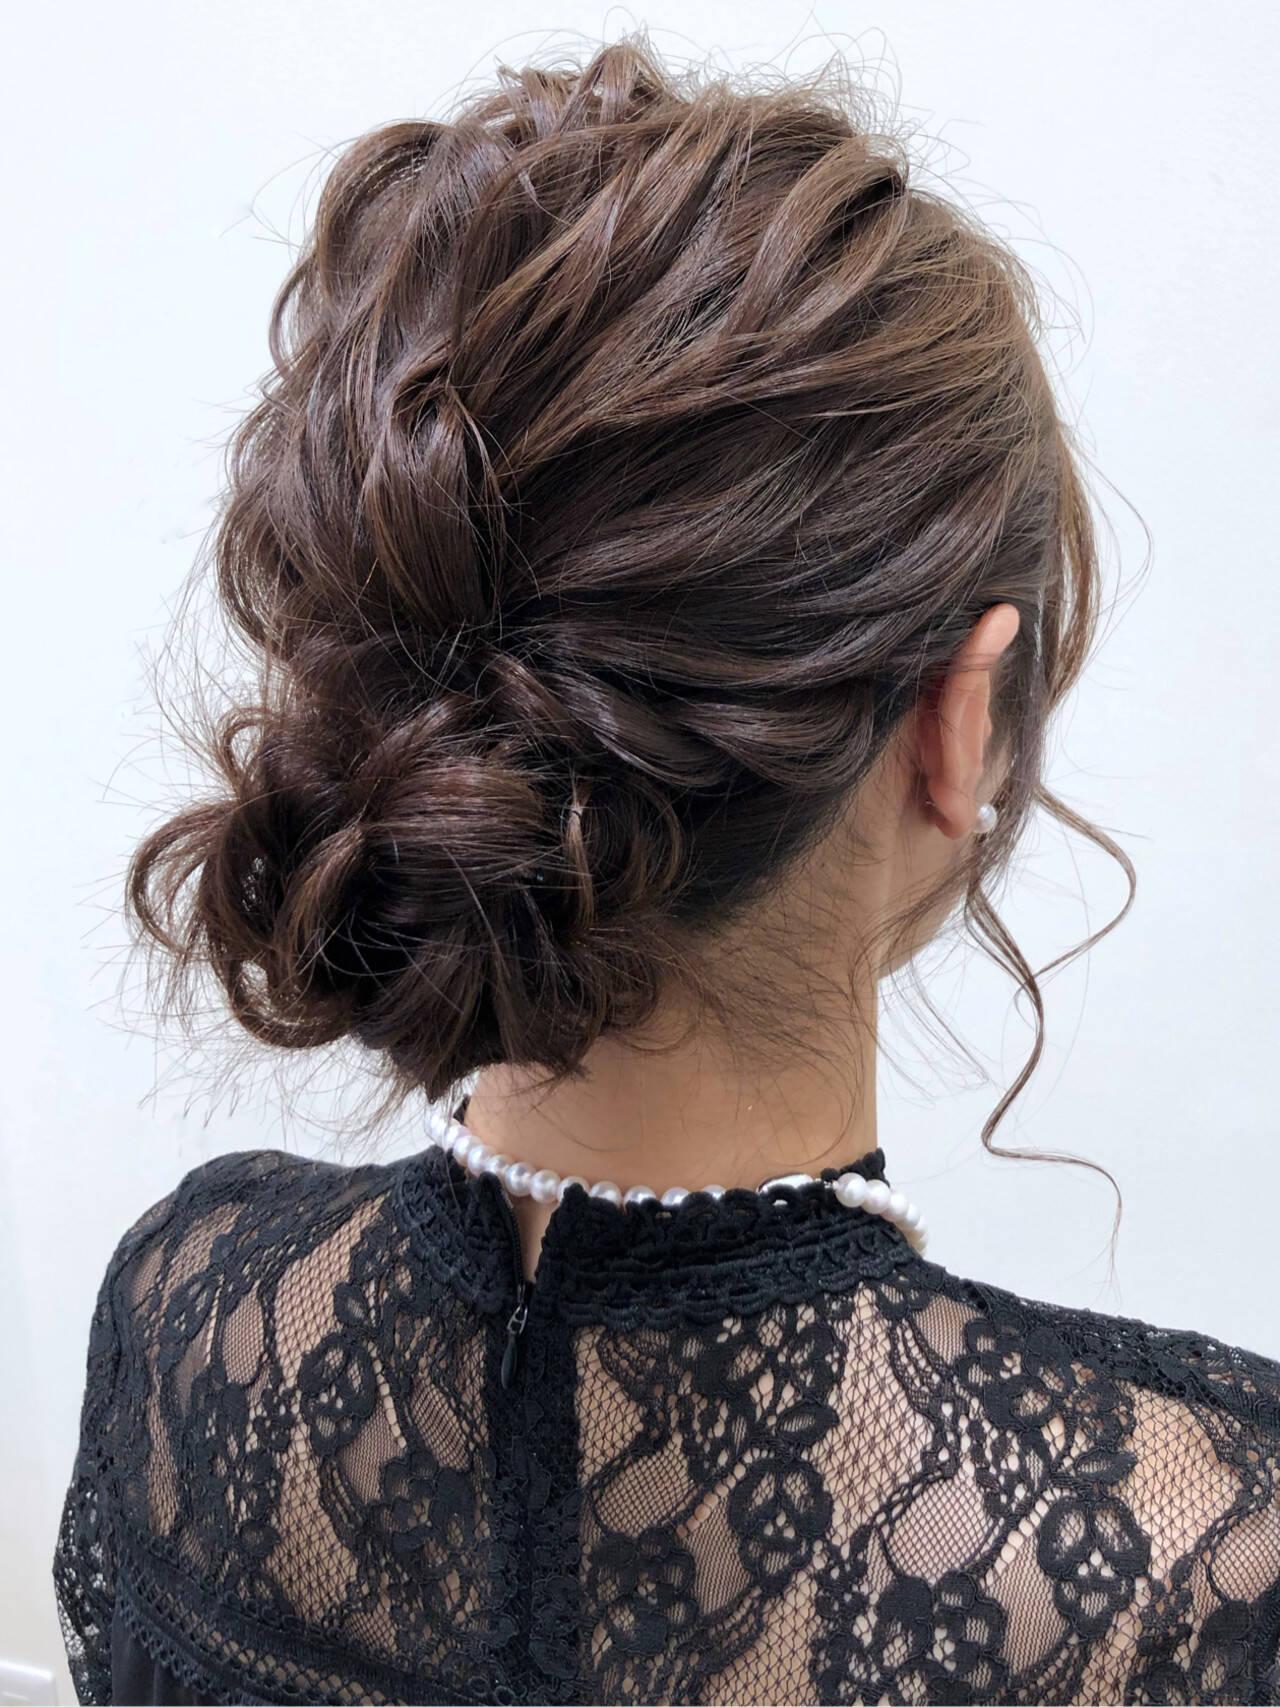 シニヨン ミディアム 結婚式 ヘアアレンジヘアスタイルや髪型の写真・画像